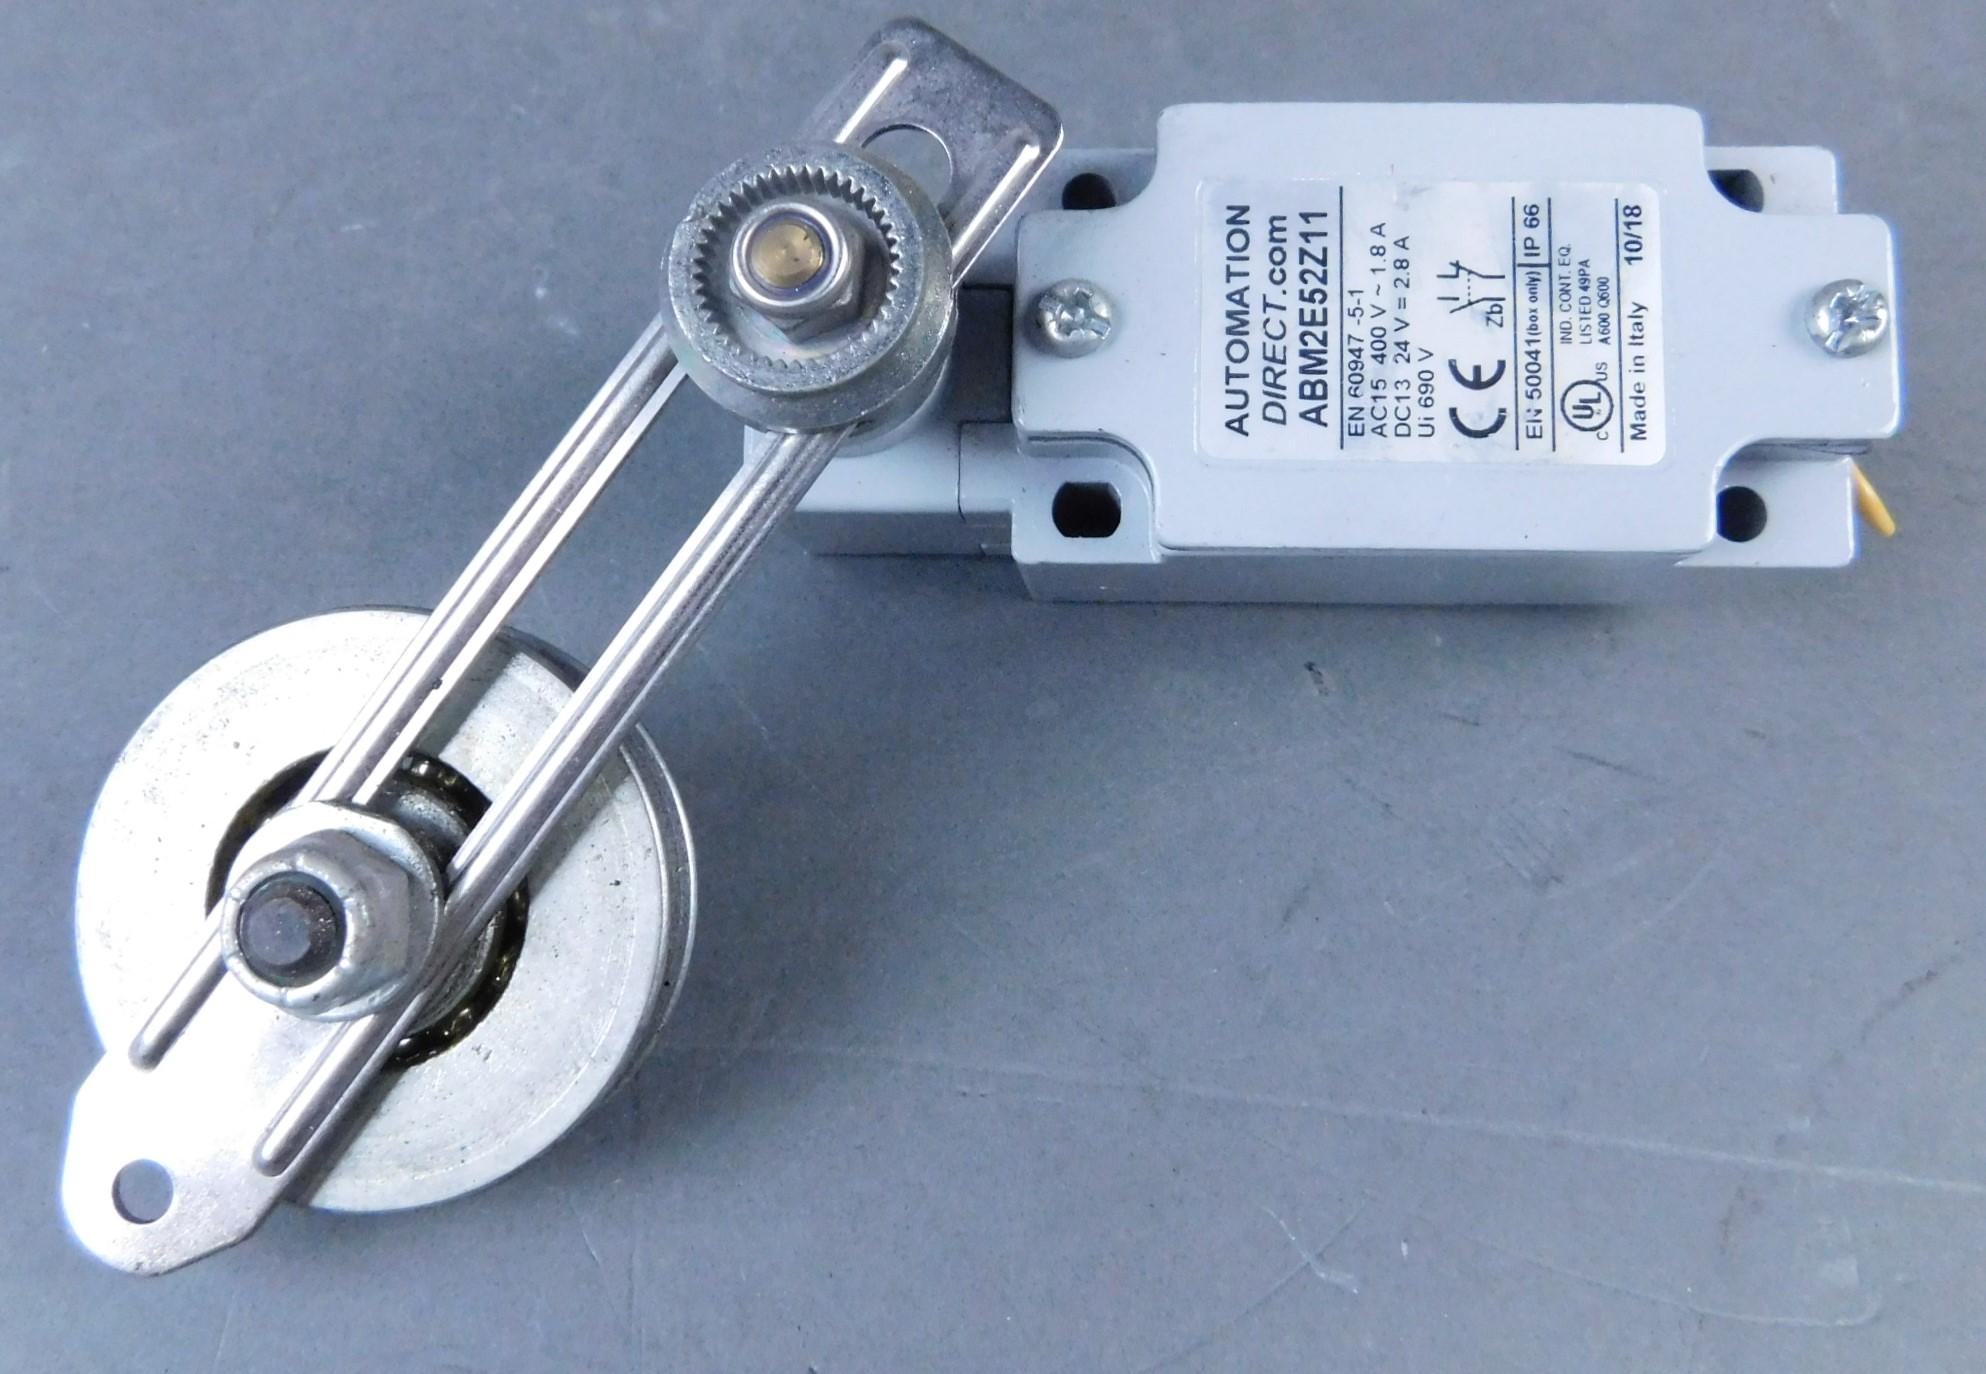 Automation Direct ABM2E52Z11 Limit Switch, 400V, 1 8A